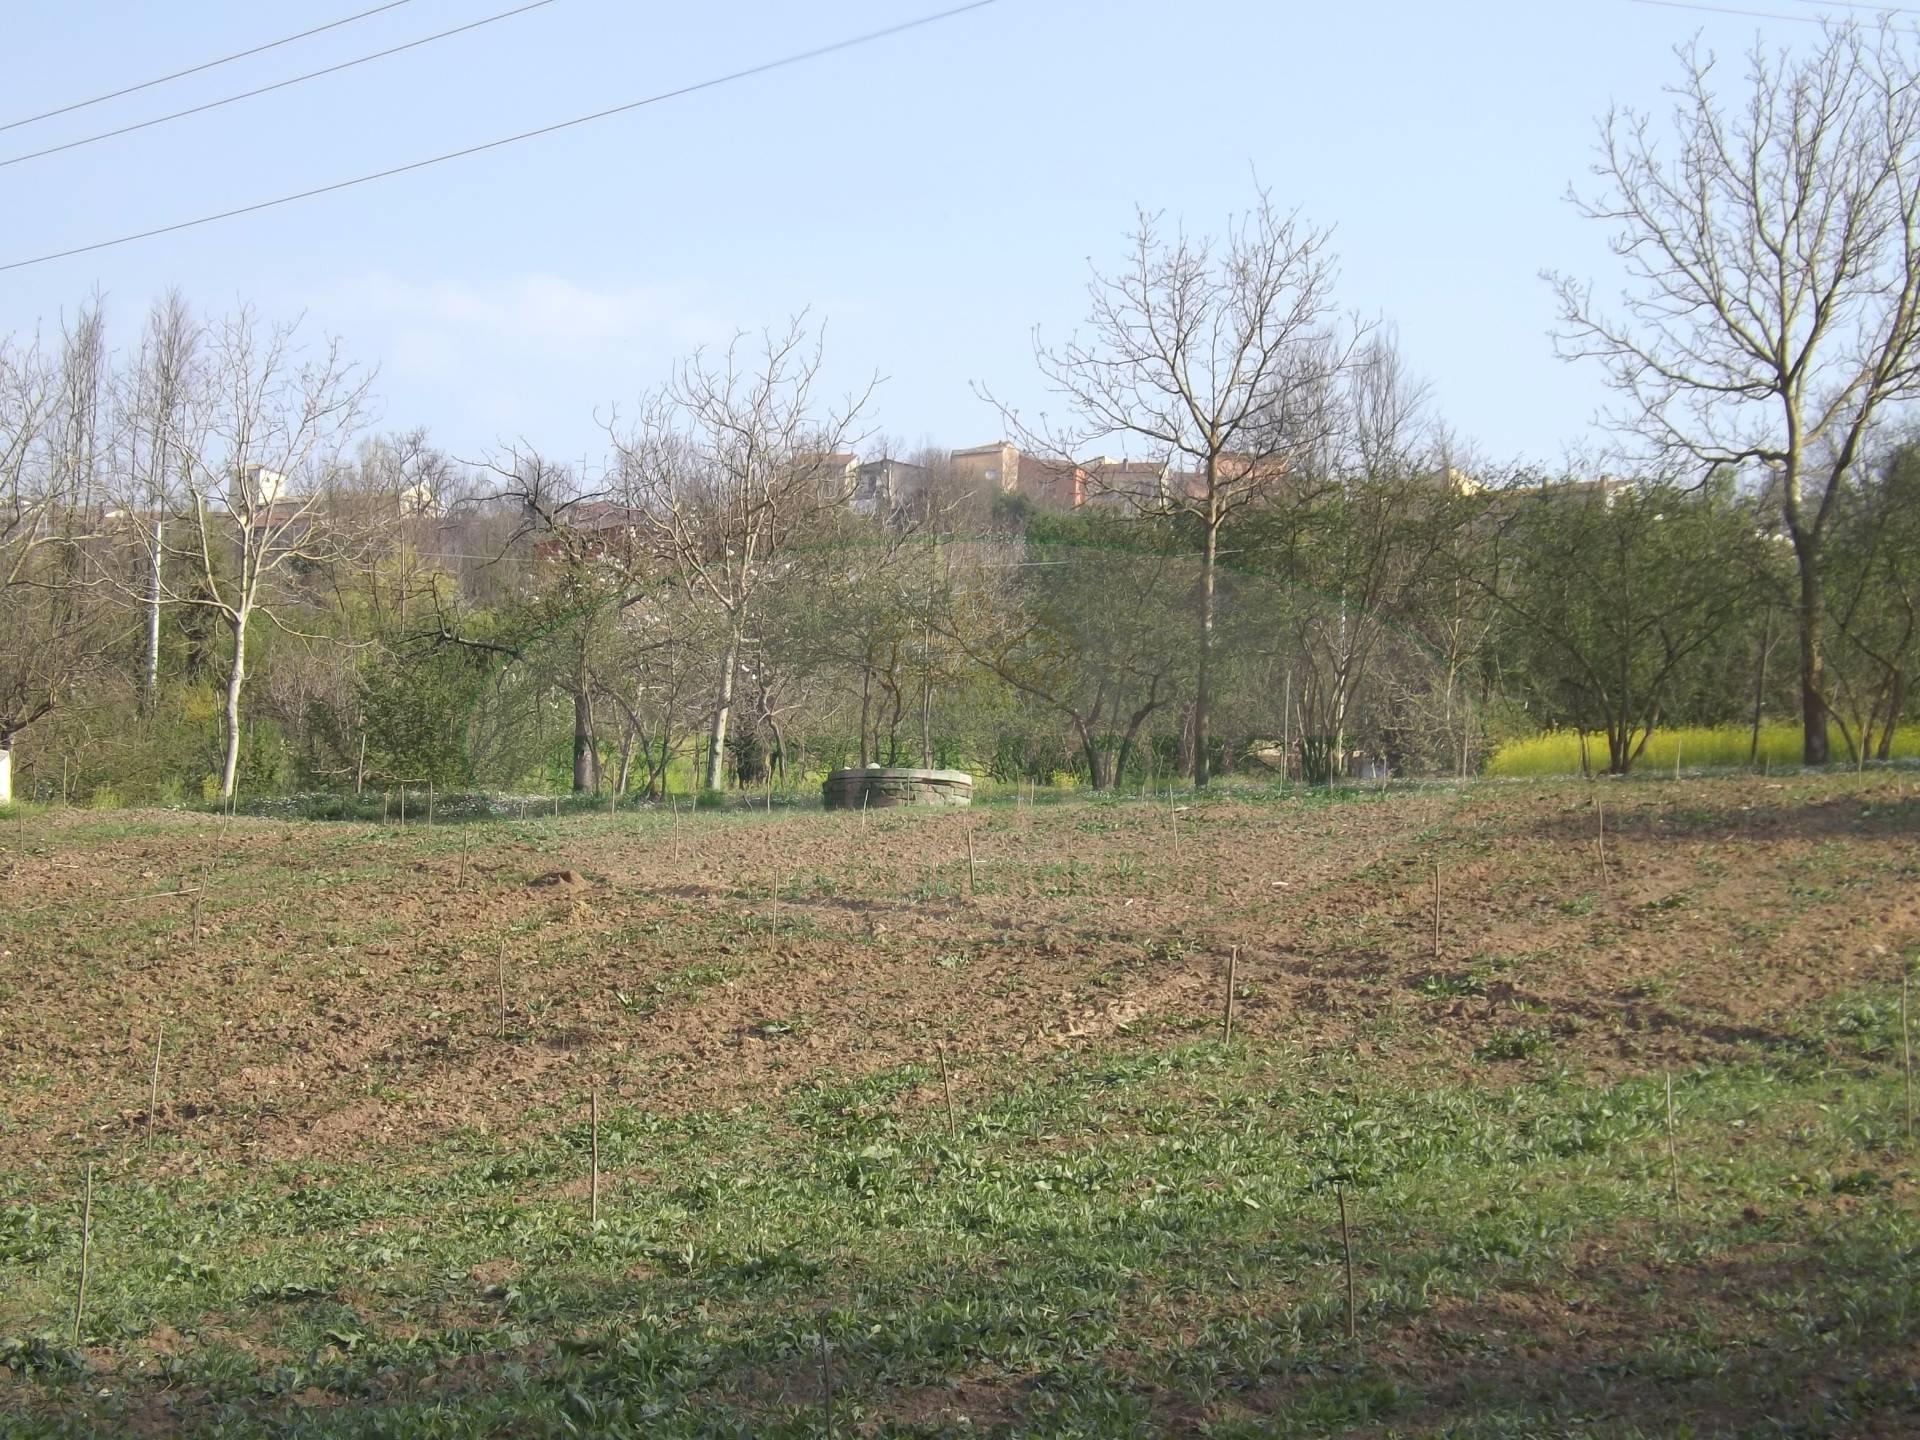 Terreno Agricolo in vendita a Manocalzati, 9999 locali, prezzo € 24.000 | Cambio Casa.it